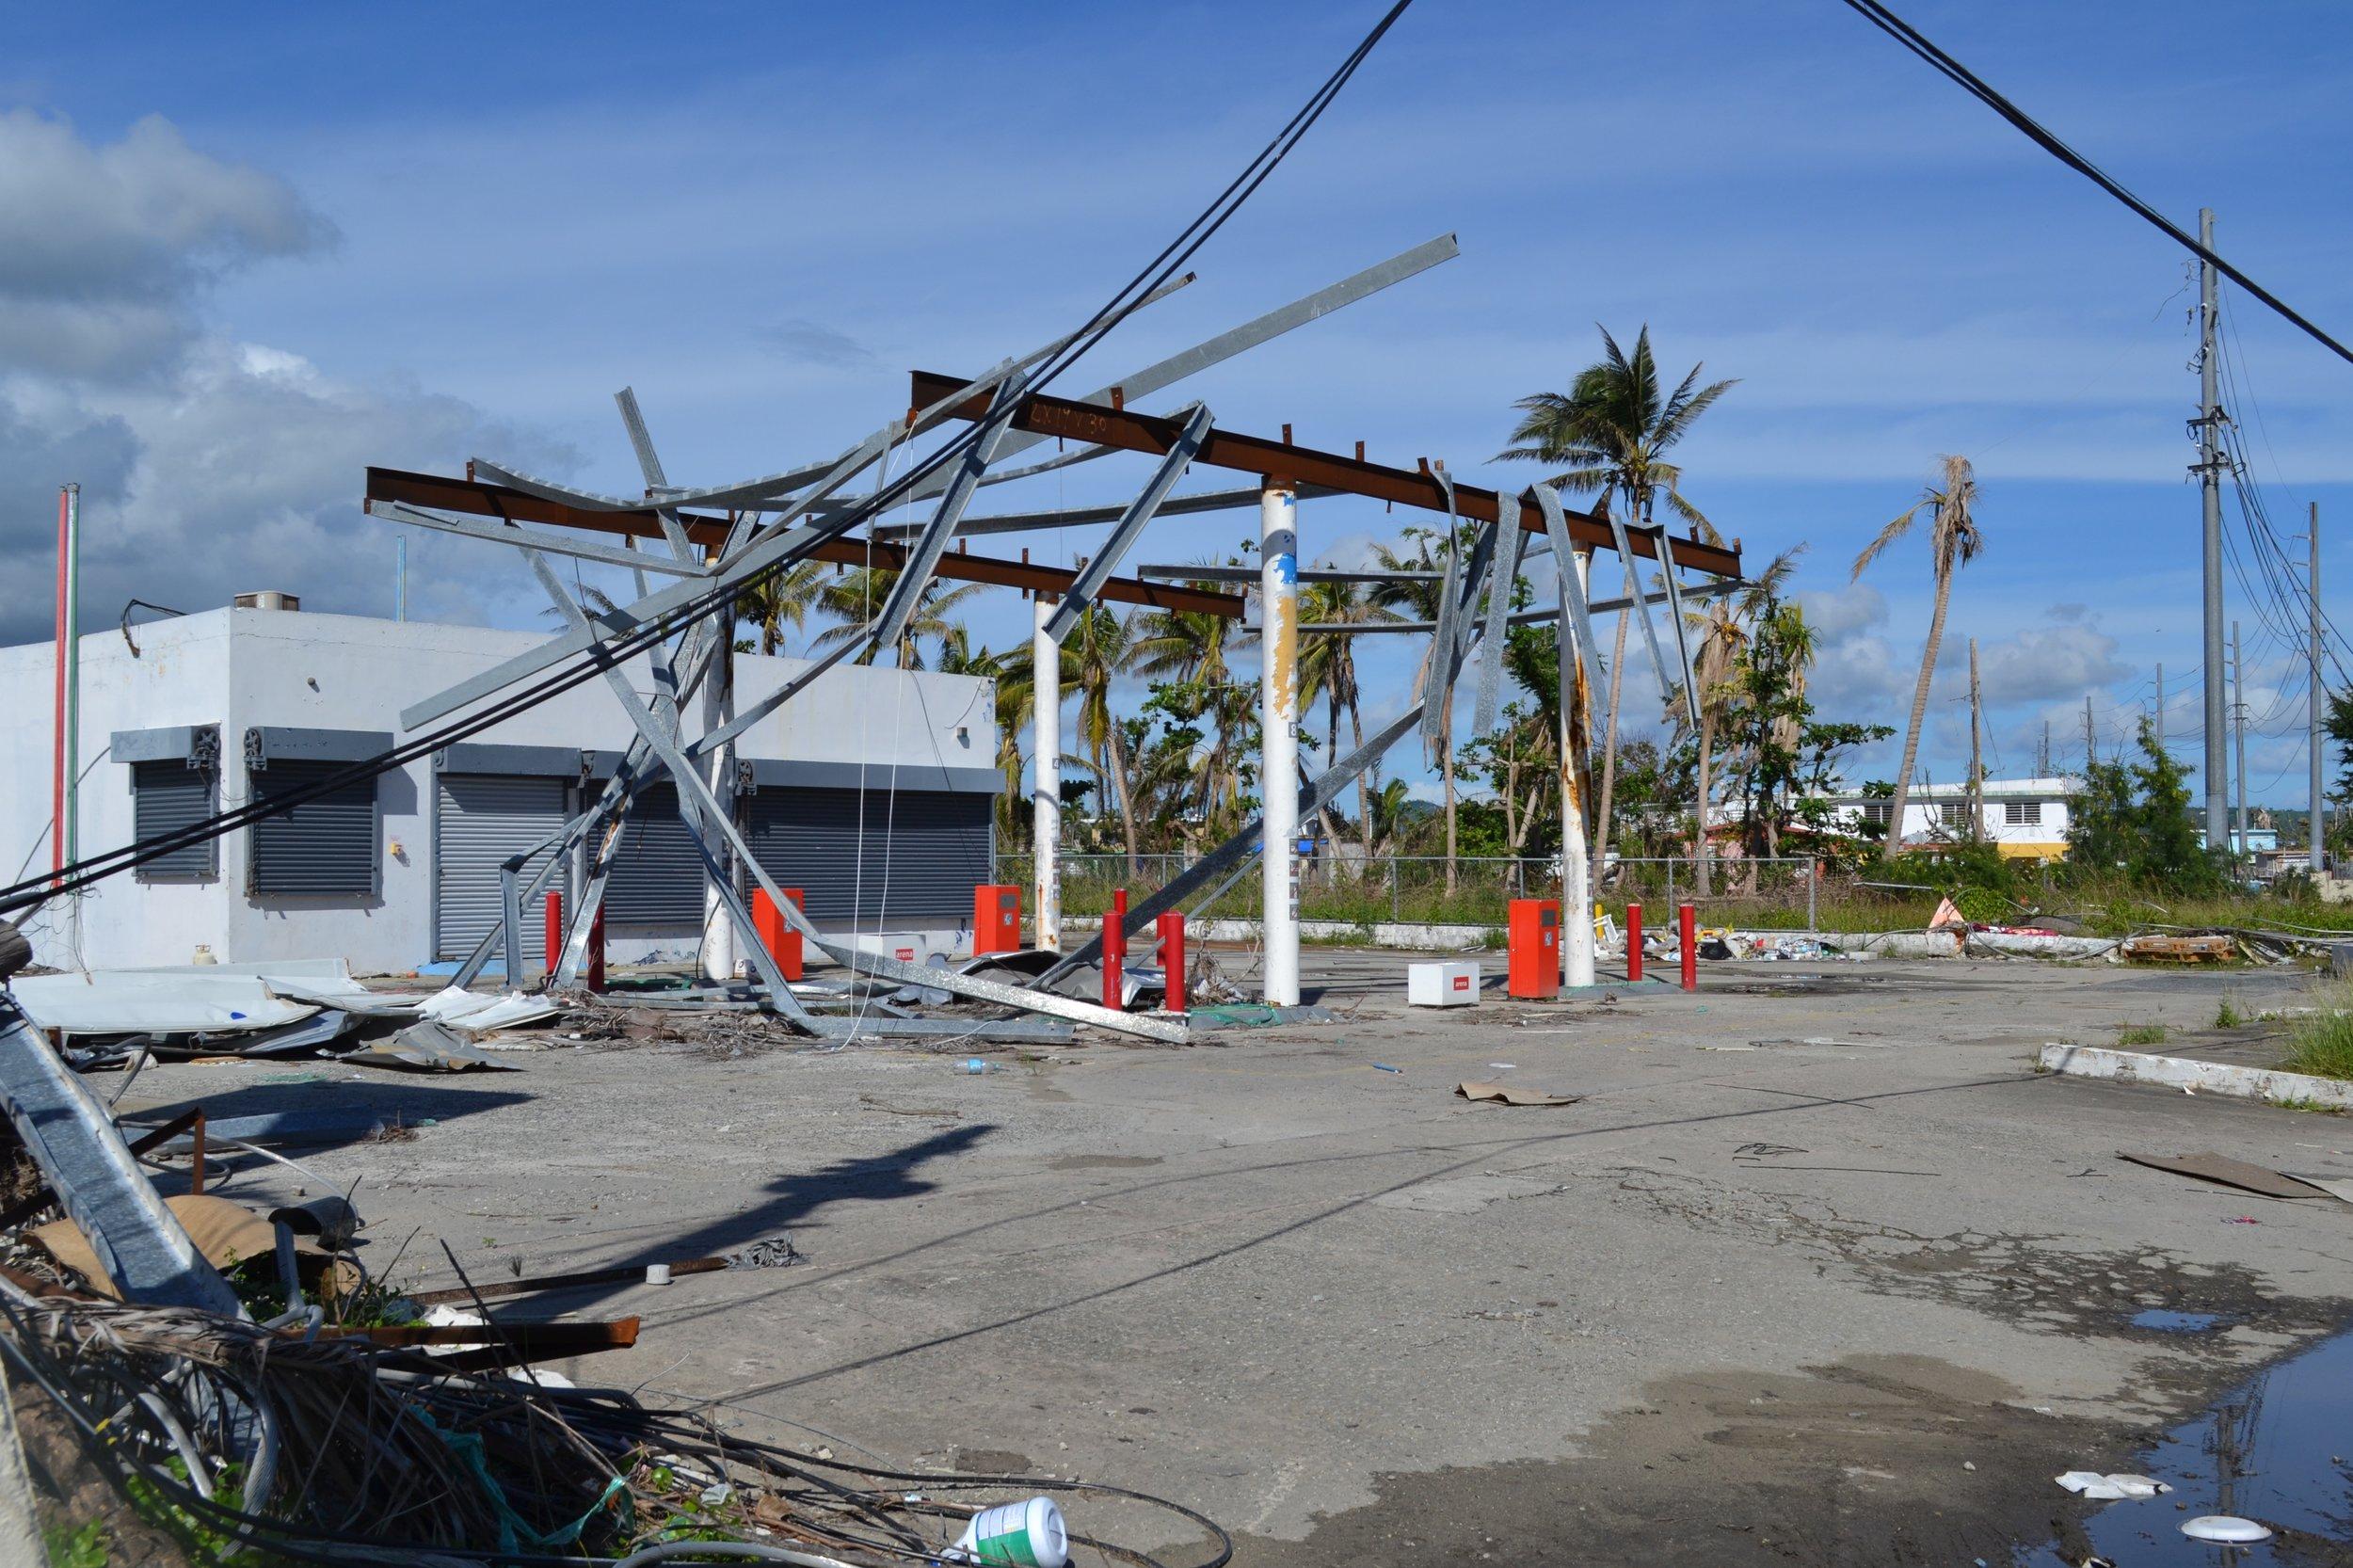 Hurricane_Maria_Destruction_in_Punta_Santiago2.JPG